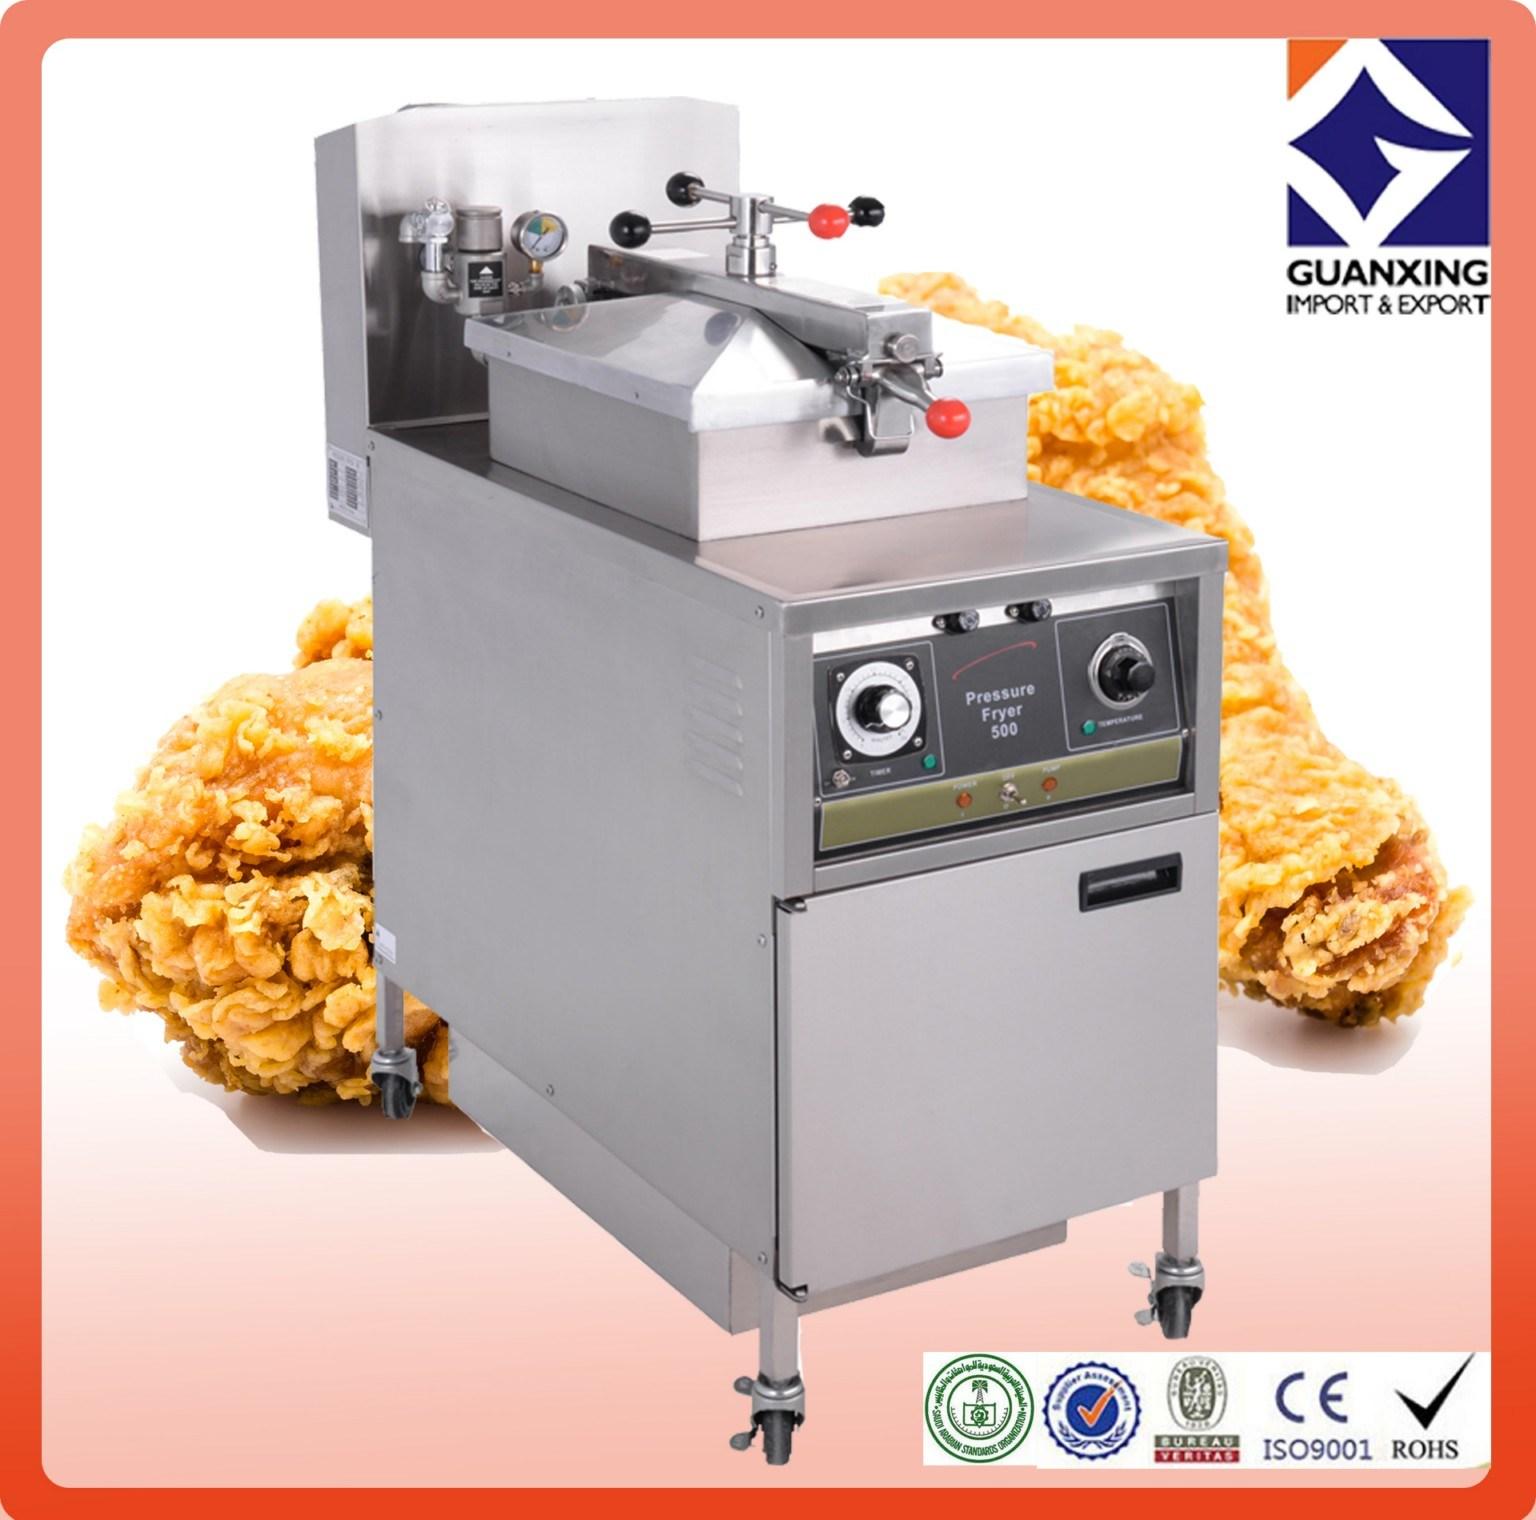 Pfe-500 Chicken Frying Machine/Gas Chicken Pressure Fryers/Commercial Chicken Fryer/Chicken Broast Machine